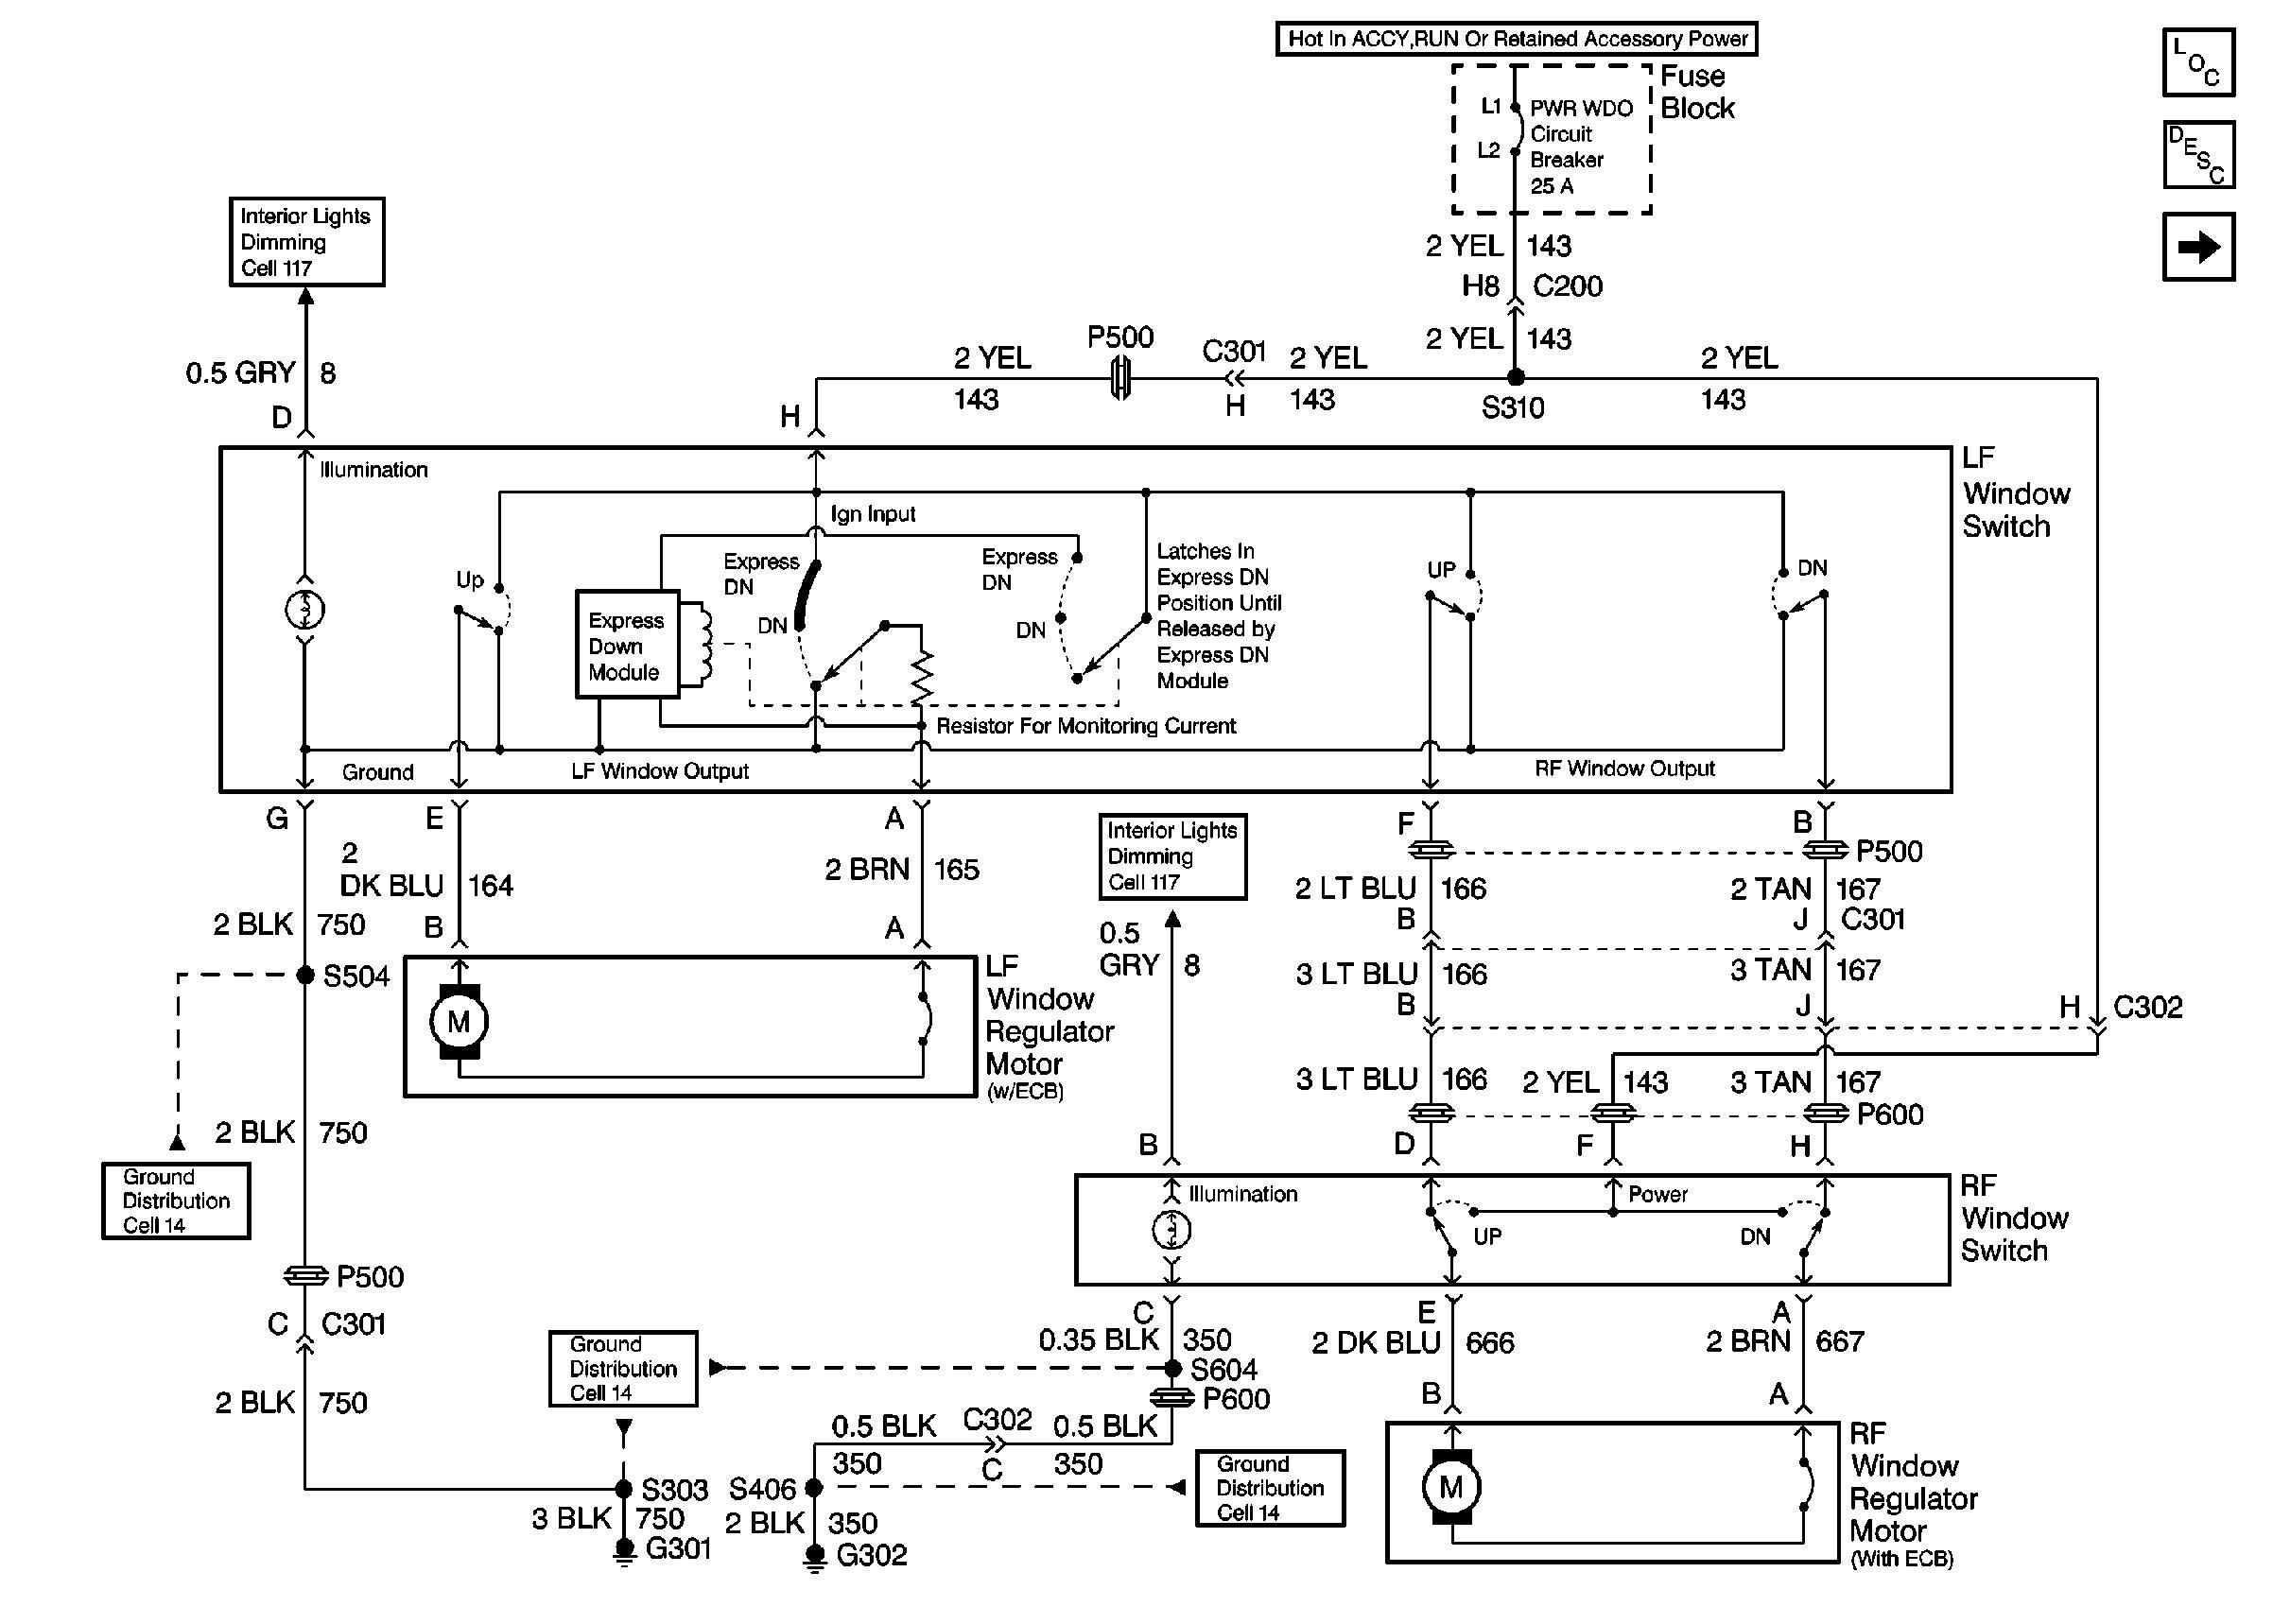 2004 Pontiac Grand Prix Engine Diagram Pontiac Grand Prix Wiring Diagram Wiring Diagram Of 2004 Pontiac Grand Prix Engine Diagram